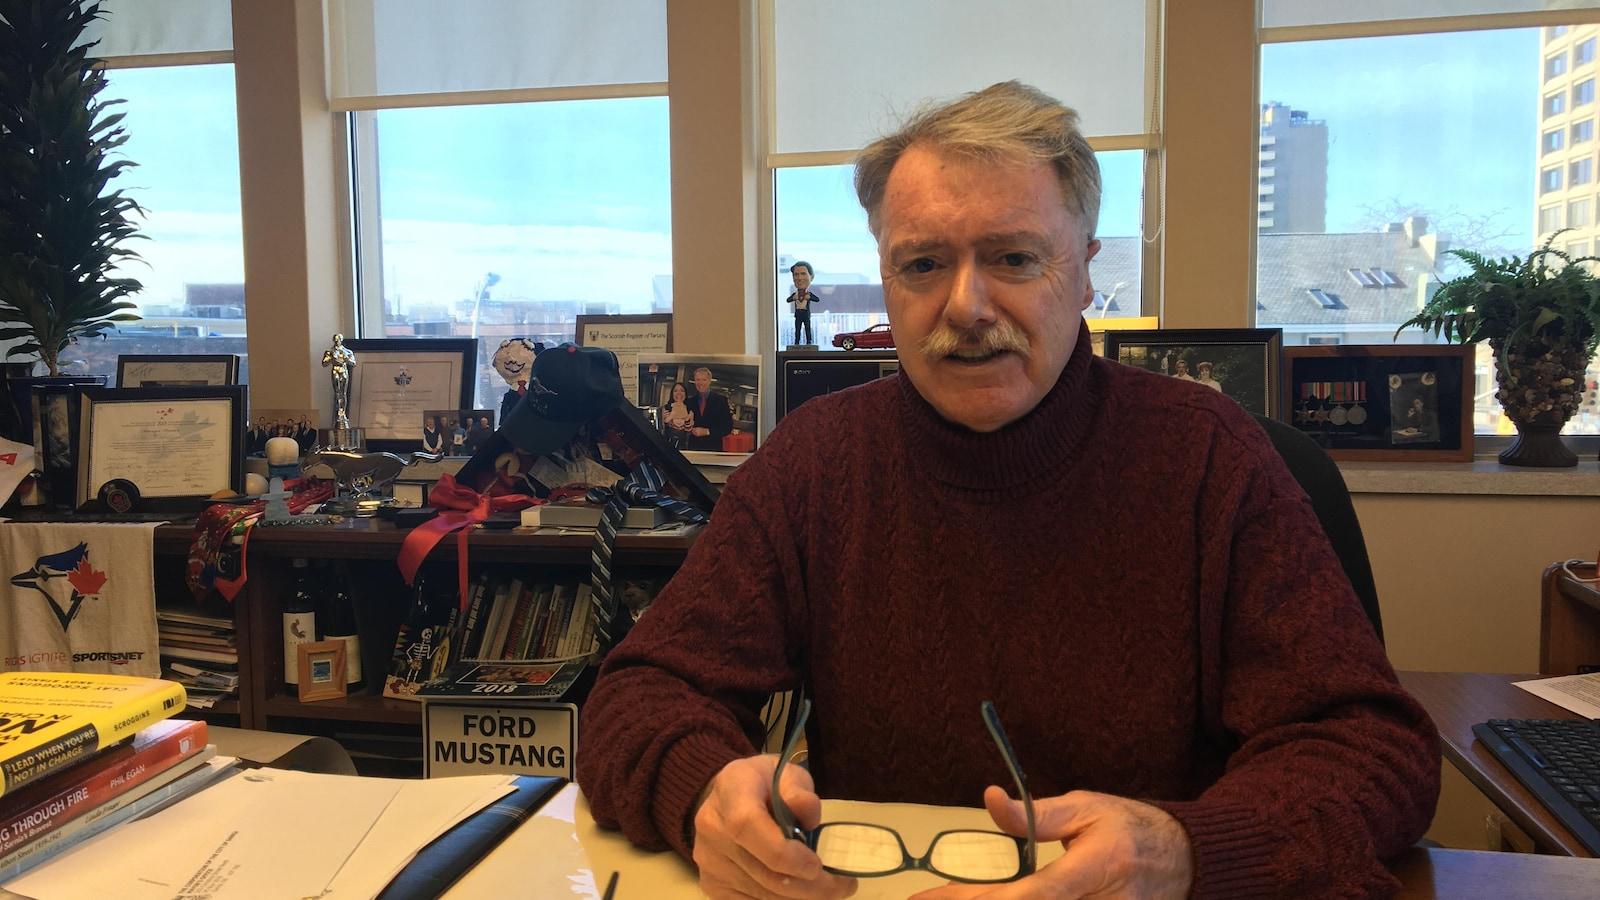 Un homme assis à un bureau tient ses lunettes dans ses mains en regardant l'objectif de la caméra. On peut voir derrière lui plusieurs de ses effets personnels comme des cadres et des médailles.